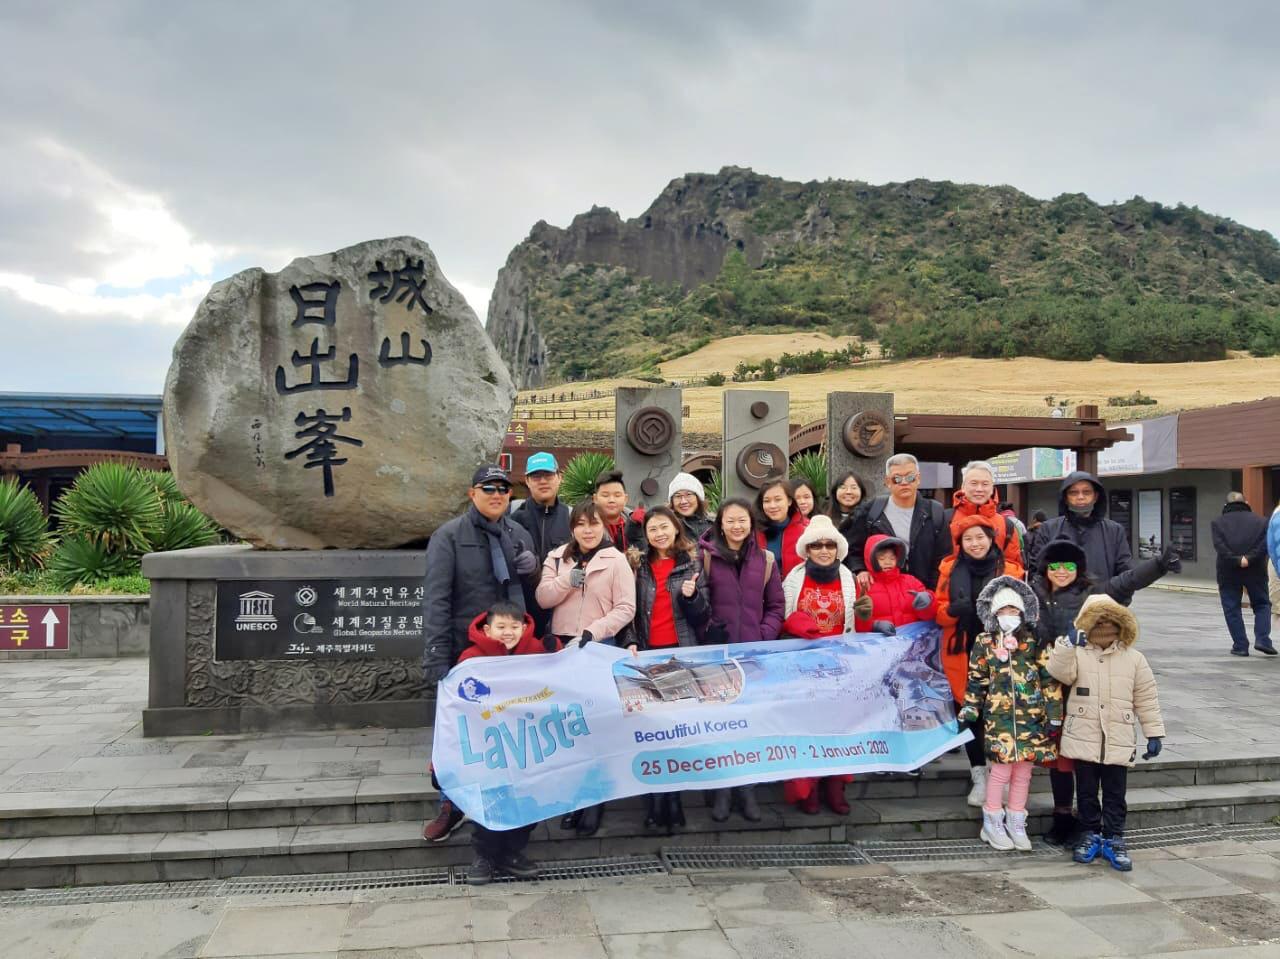 KOREA 25 Dec 2019 2